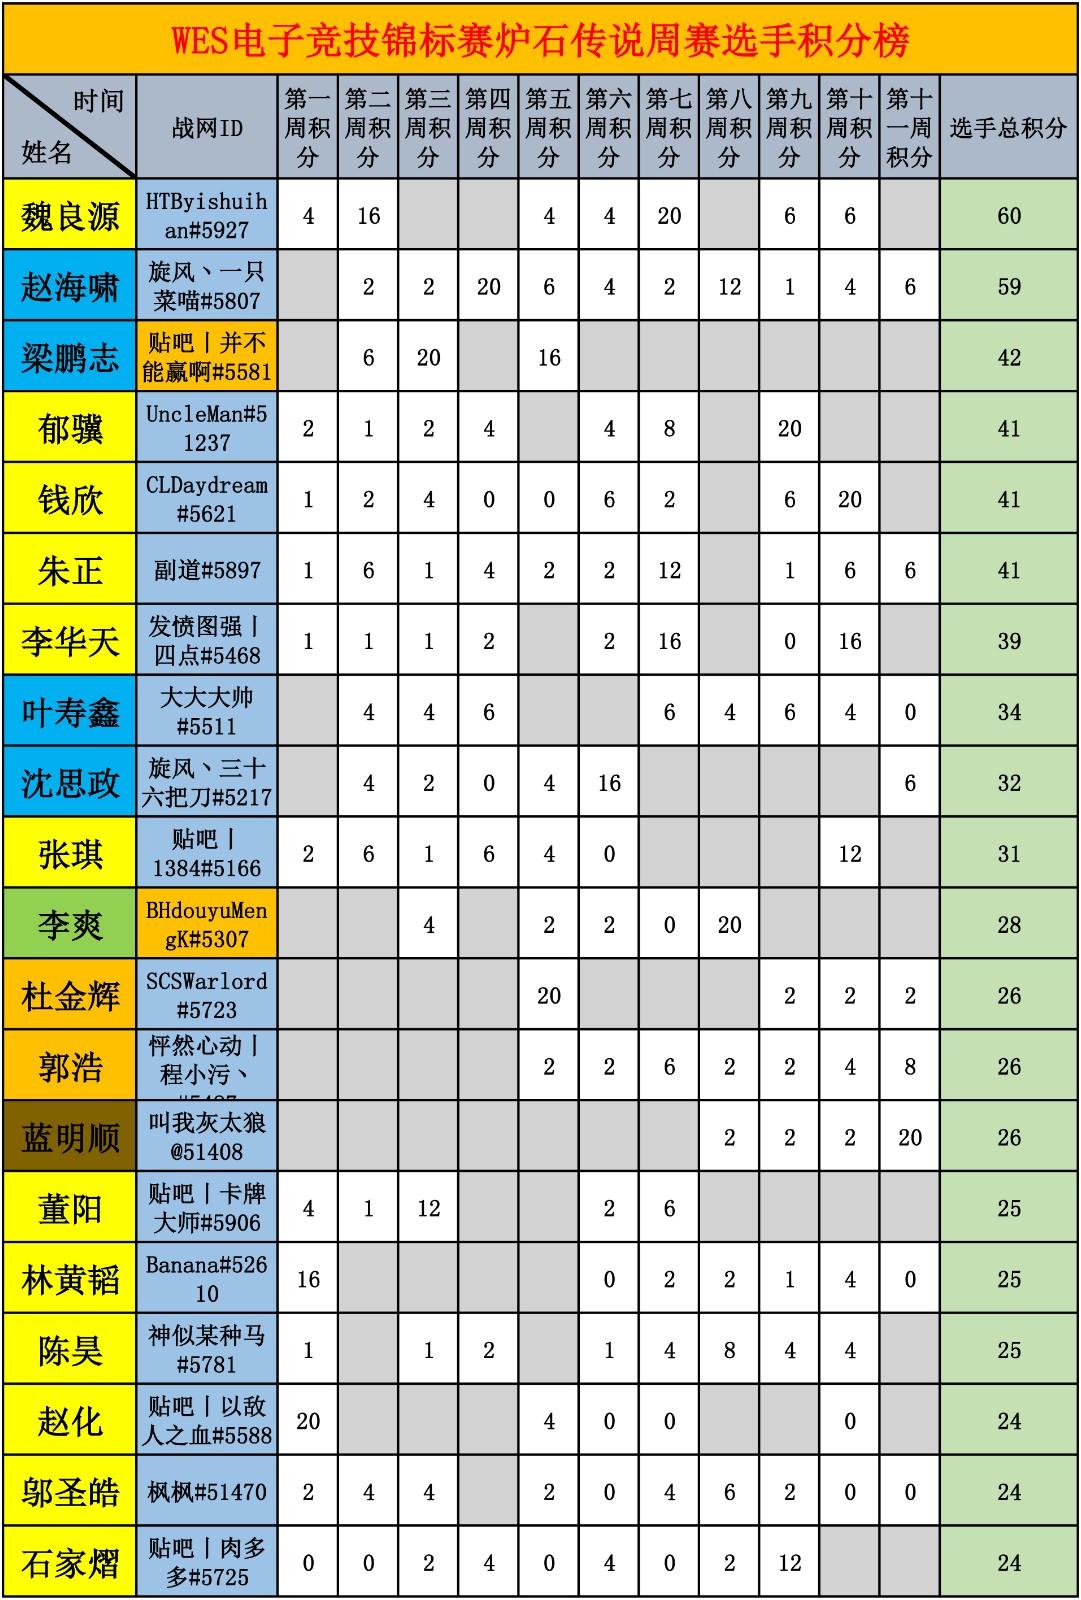 WES炉石传说选手积分统计(截止到十一周)-1.jpg